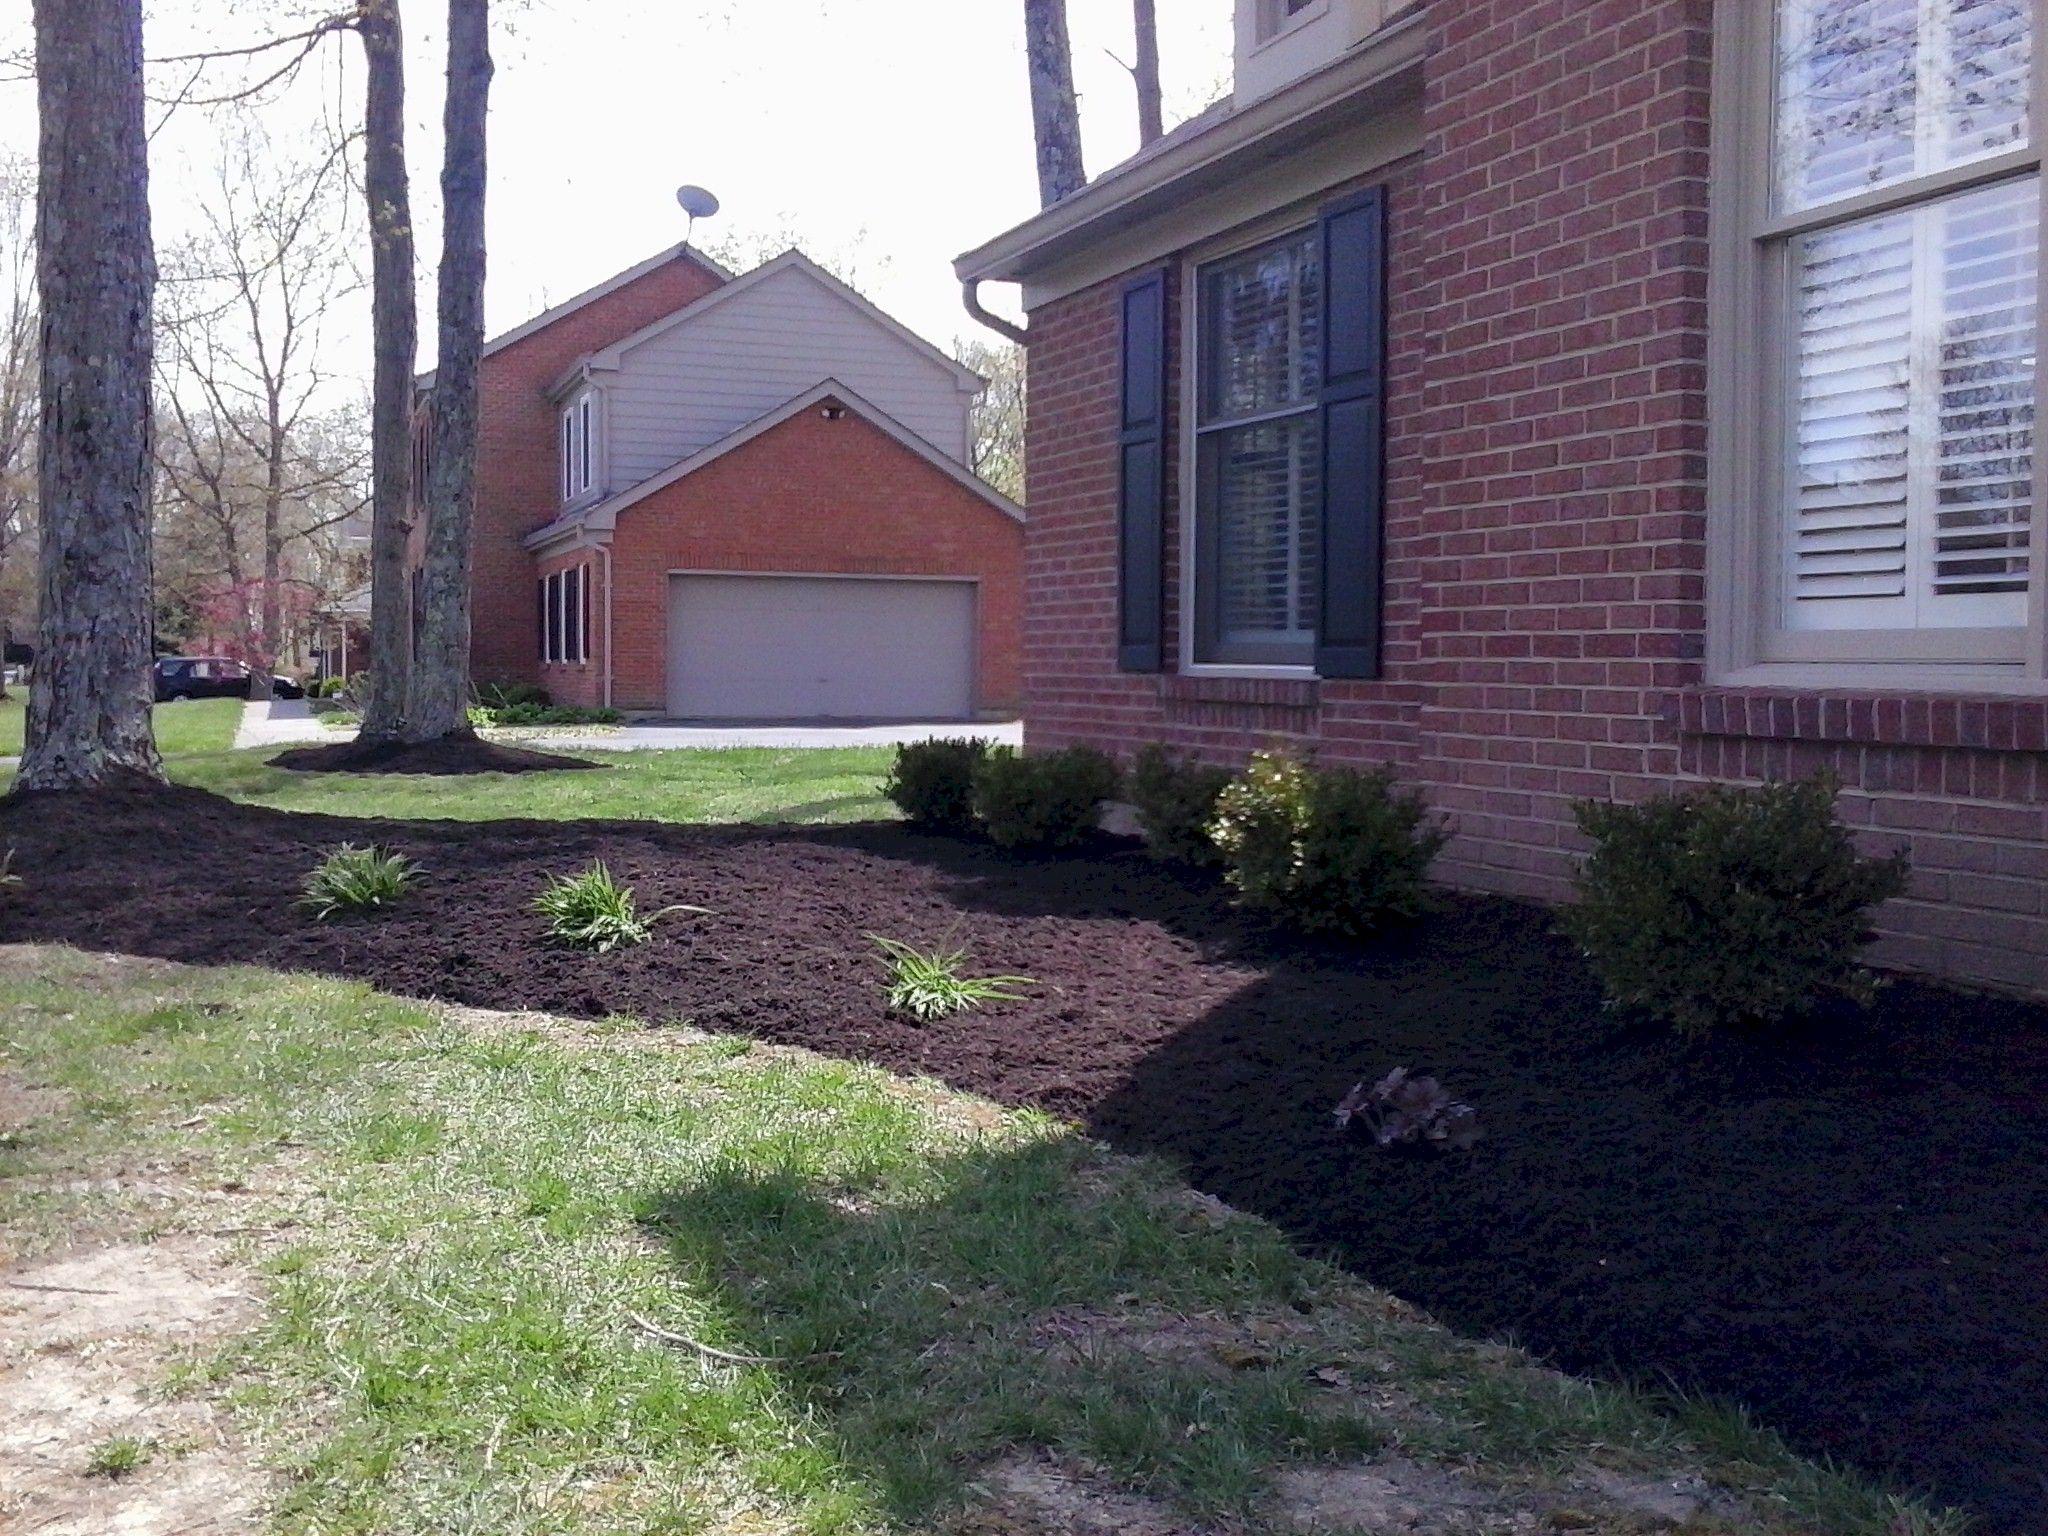 Landscape Job 11 Residential Landscaping Landscape Outdoor Structures